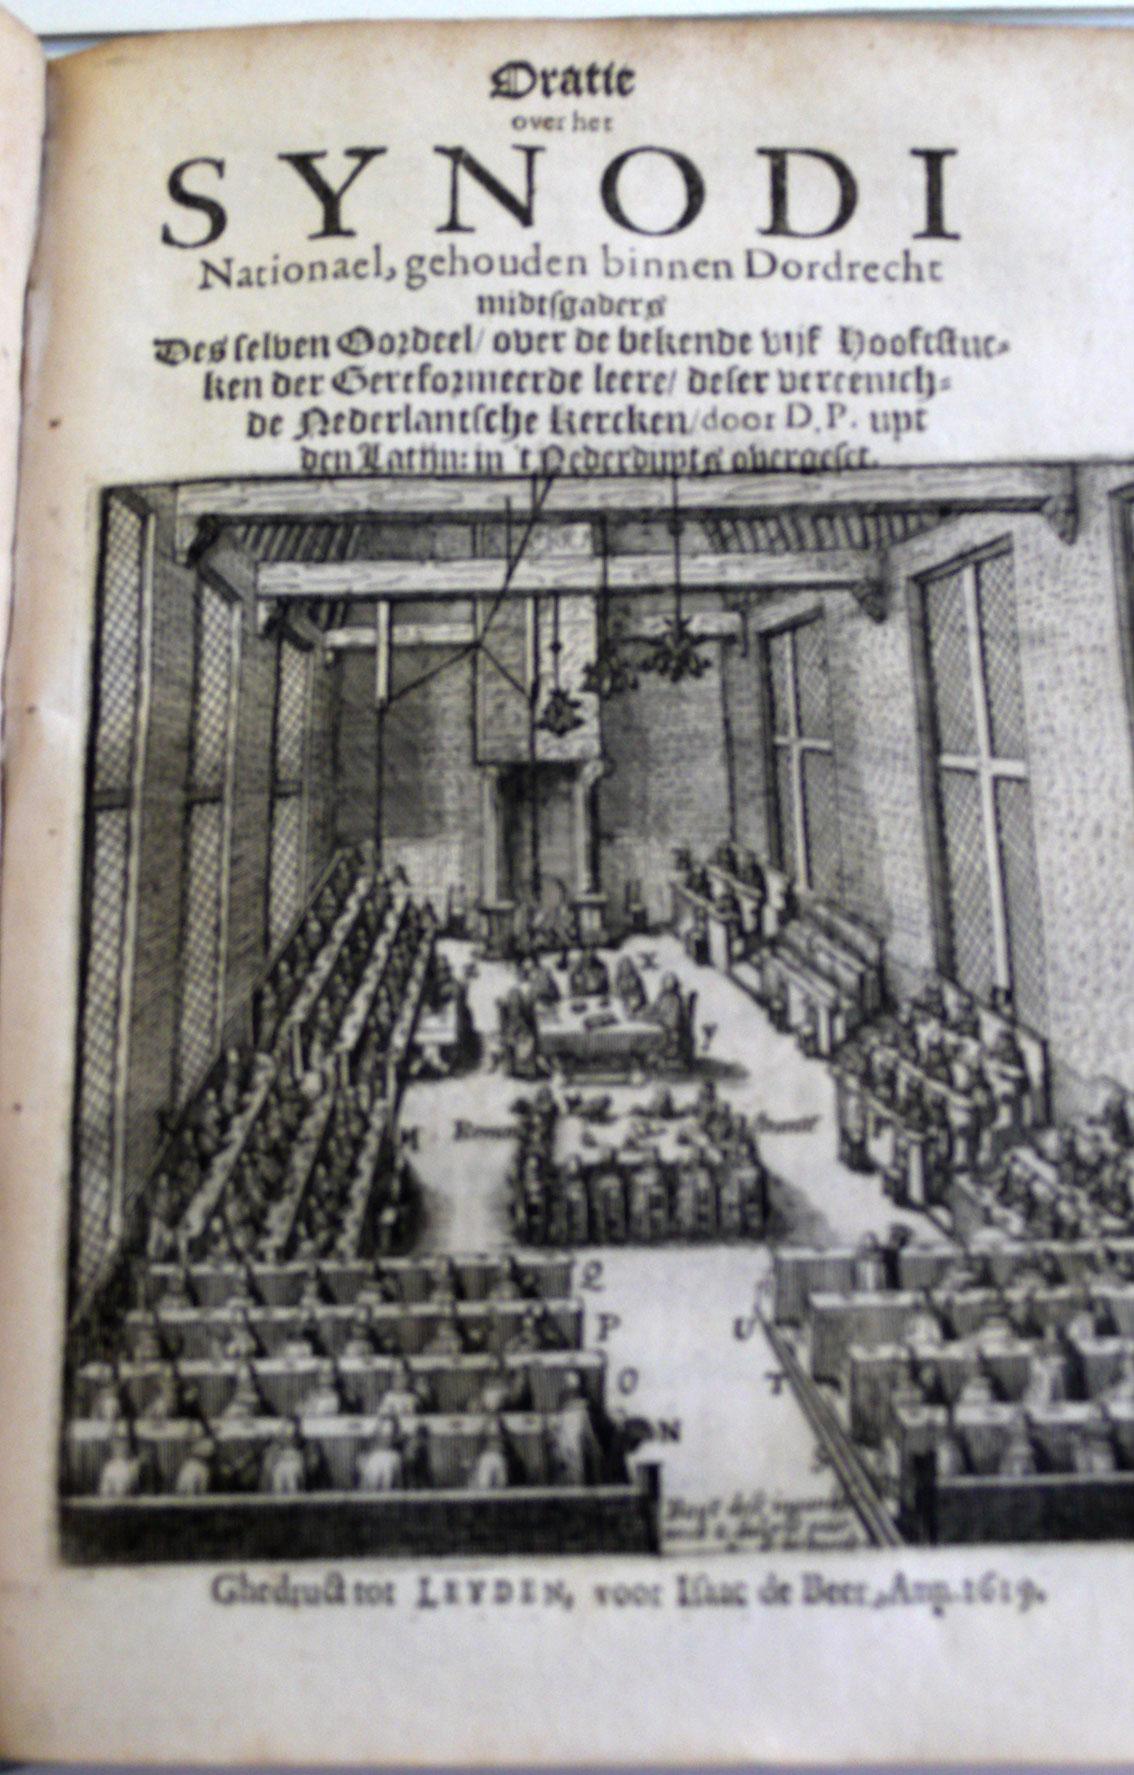 Afbeelding van de vergaderzaal van de Synode van Dordrecht in 1618 en 1619. De synode veroordeelt de remonstrantse leer die ruimer is dan de leerregels die de synode voor staat. Arnold Neomagus is een remonstrants predikant.